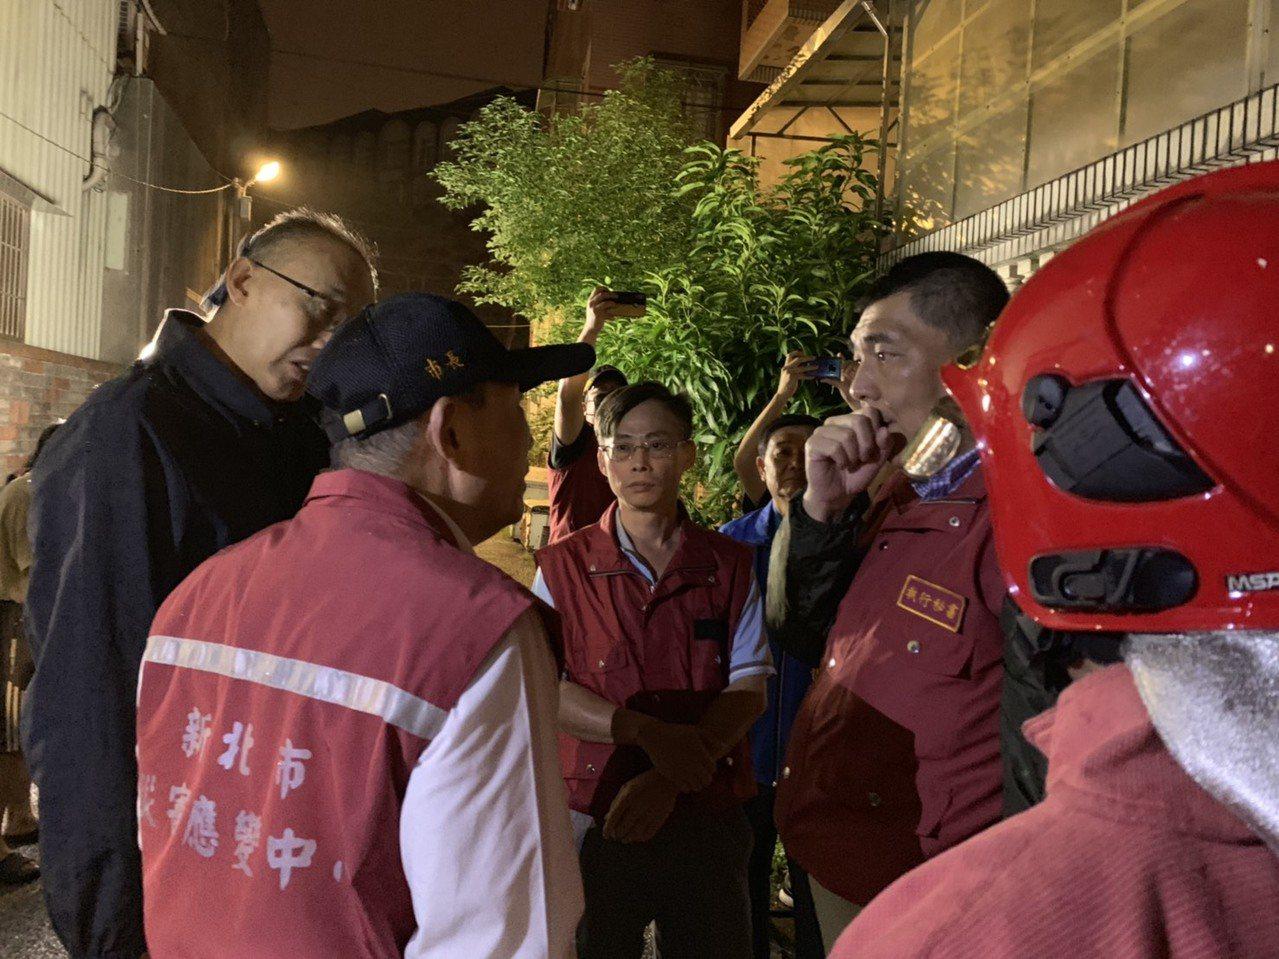 新北市鶯歌區德昌二街一處民宅,今凌晨1點多發生火警,造成50歲的鳳鳴國小校長曾俊...